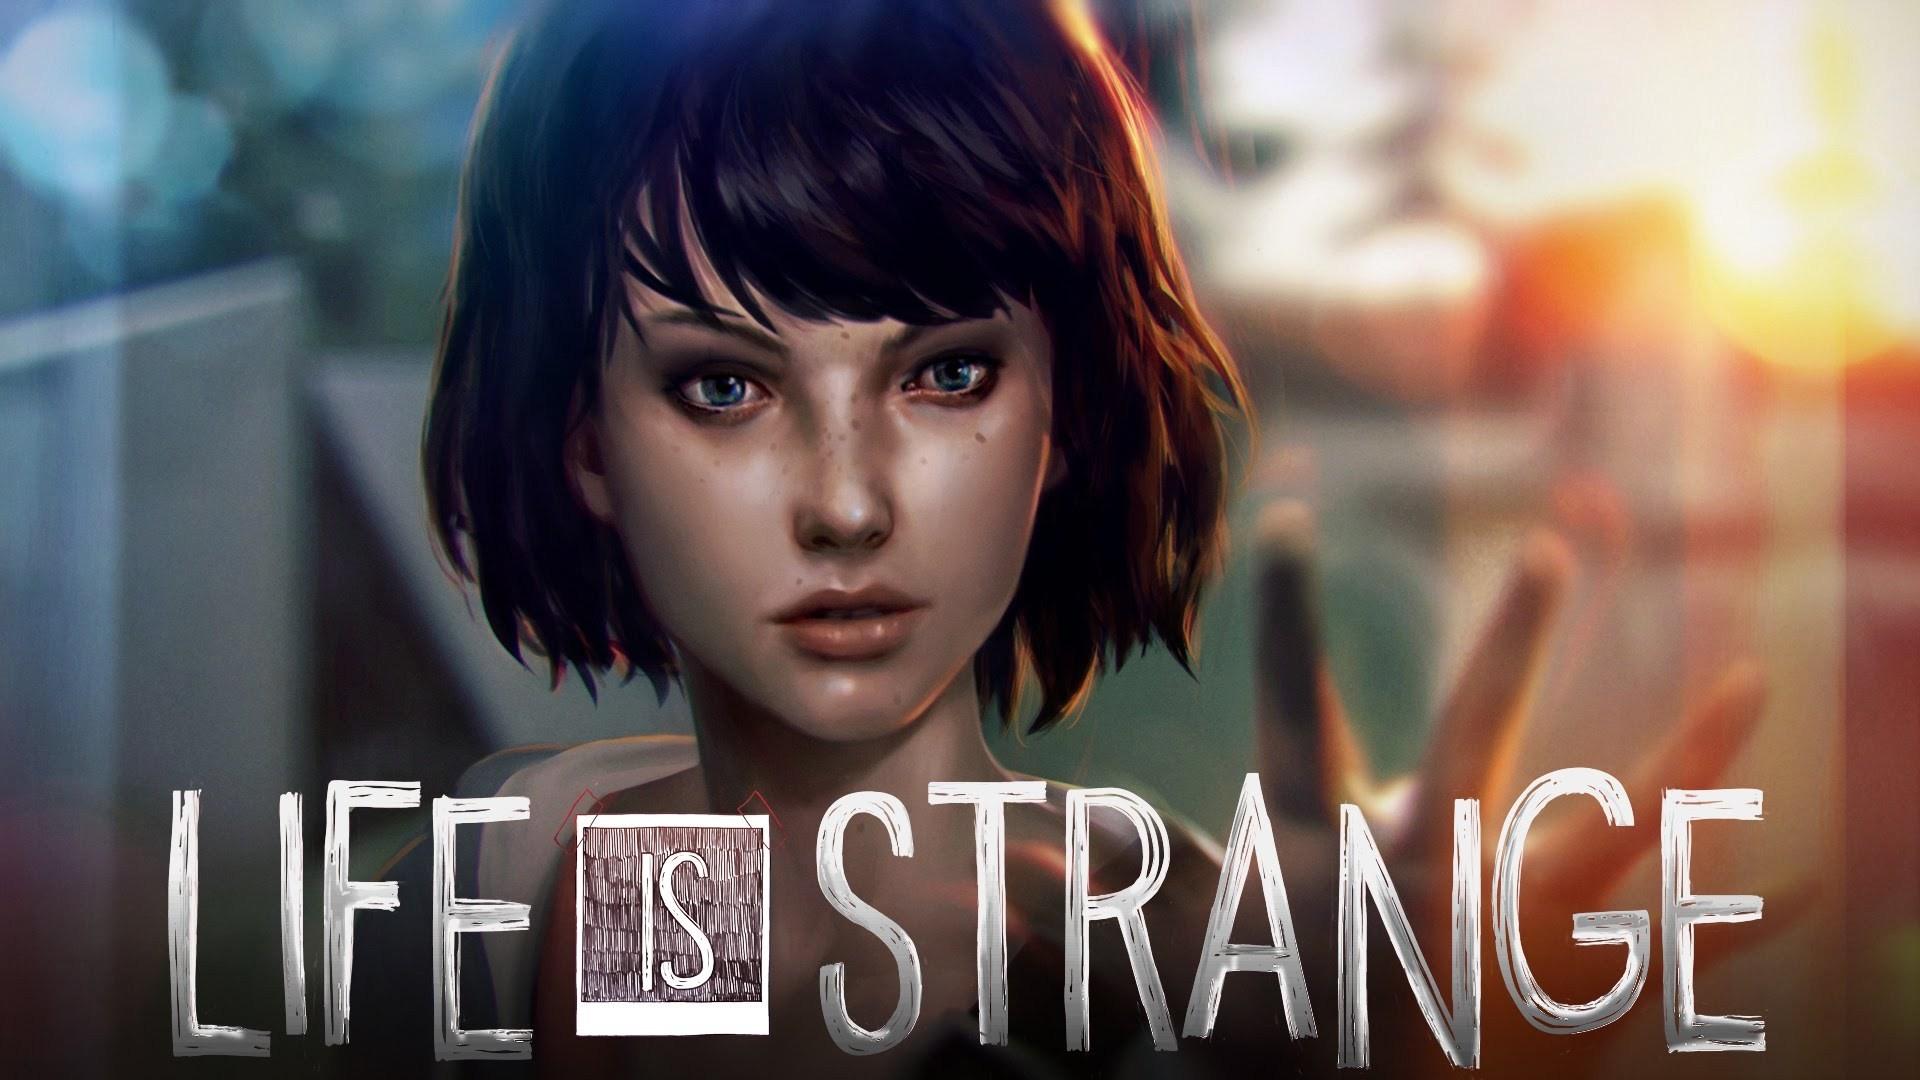 SQUARE ENIX dự kiến sẽ tổ chức buổi tọa đàm trực tuyến truyền hình trực tuyến vào ngày 19/3 để mang đến những thông tin mới nhất như tác phẩm mới Life Is Strange